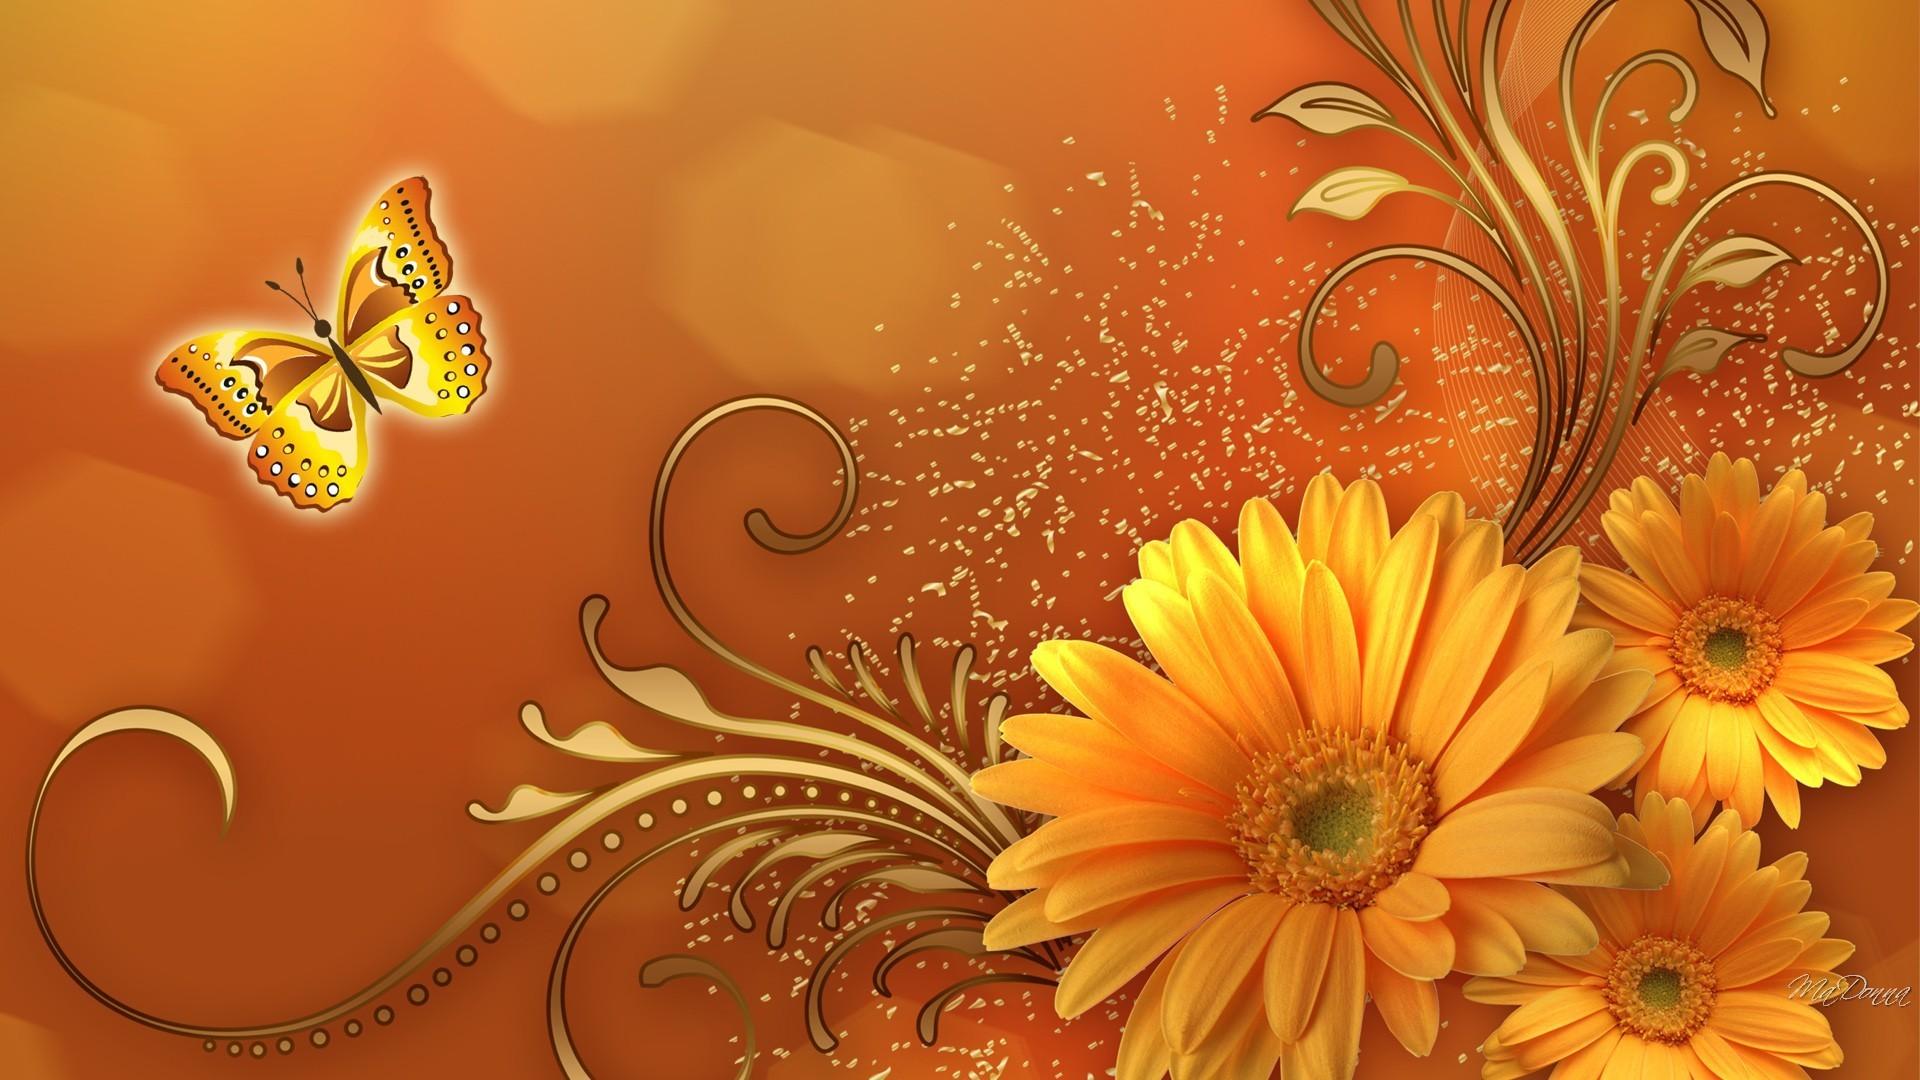 Fall Harvest Desktop Wallpaper Pumpkin And Fall Flower Wallpaper 45 Images